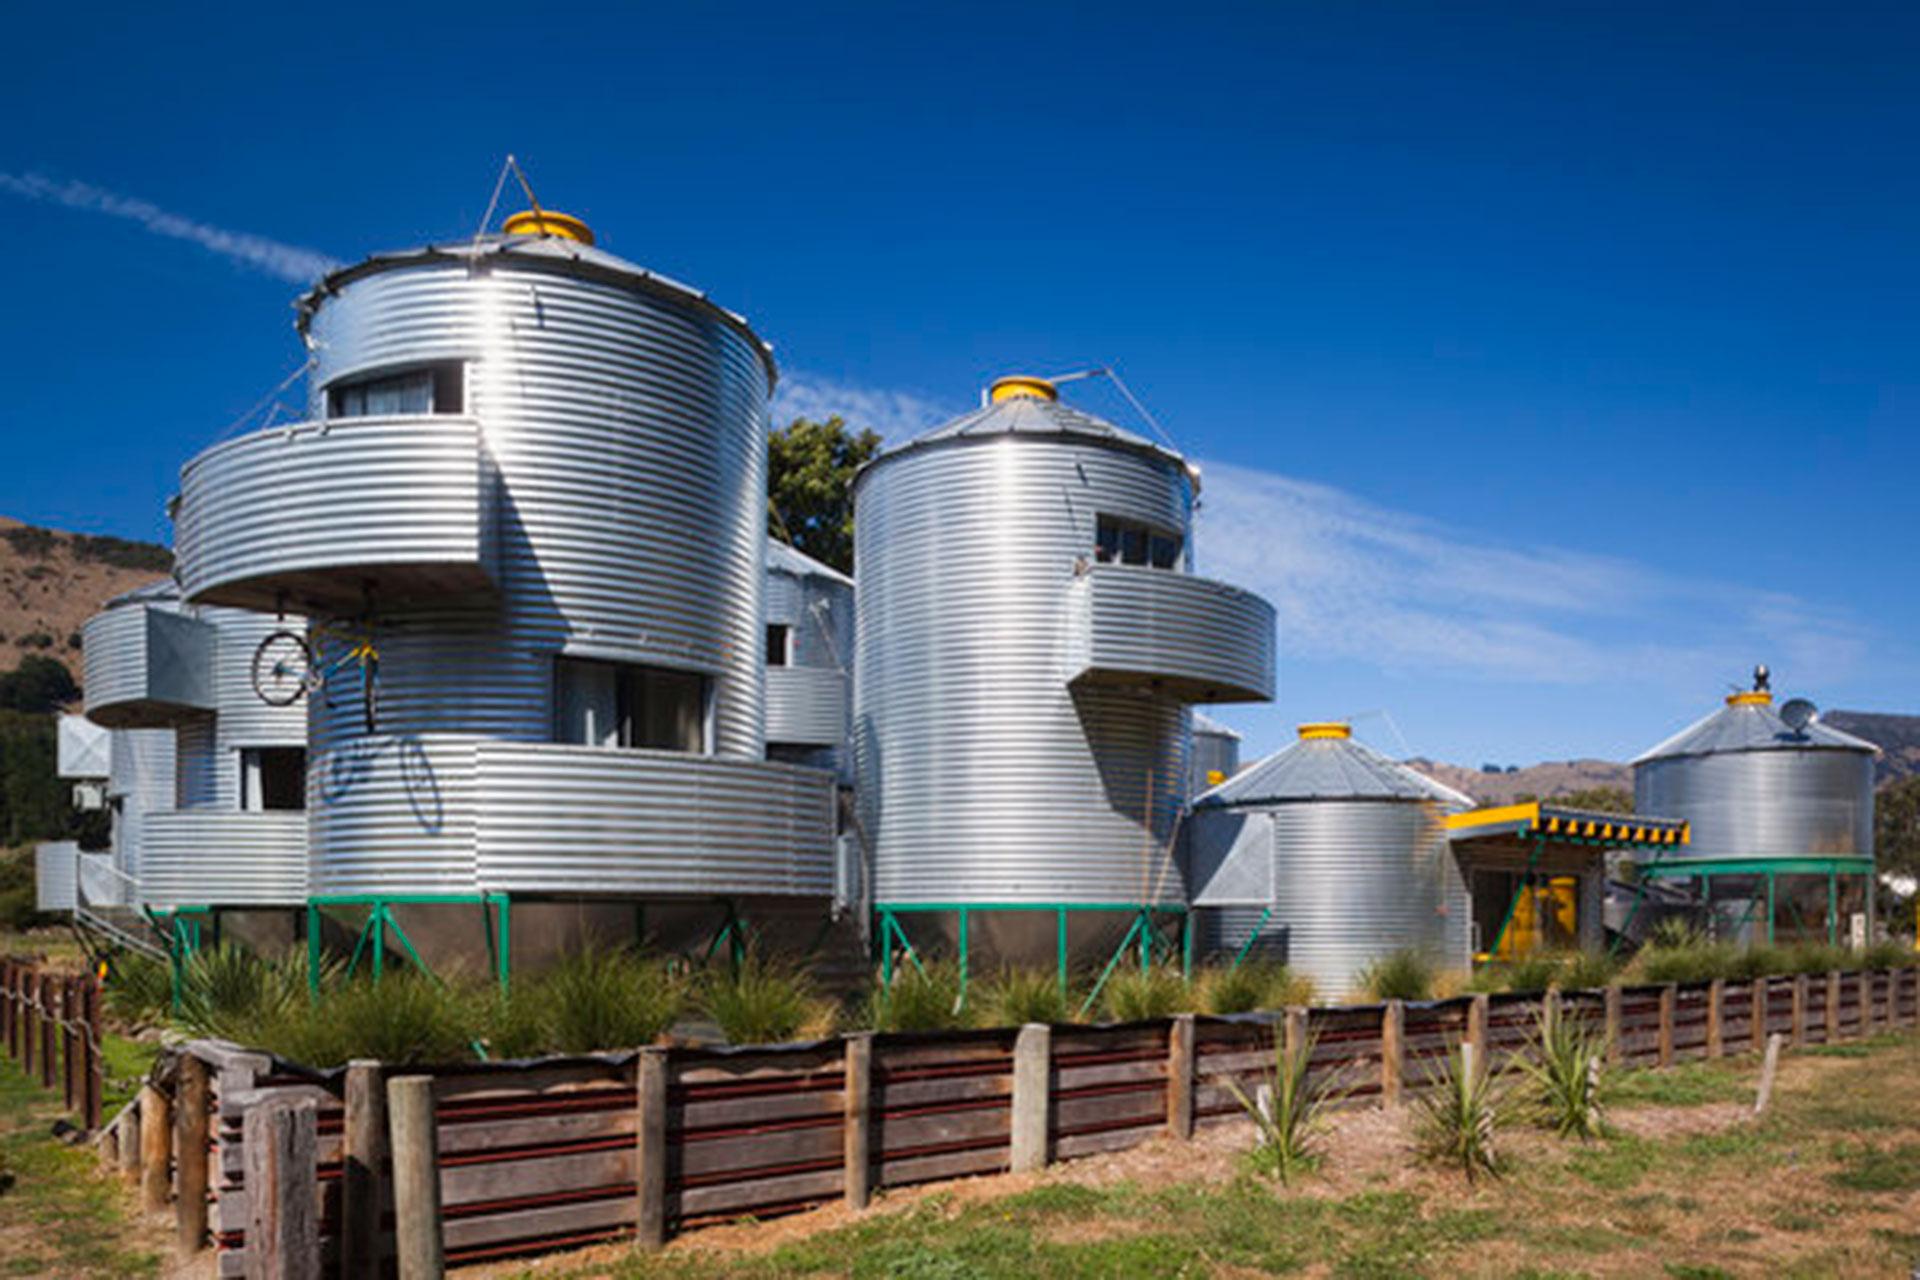 Silo Stay Hotel (Little River, Nueva Zelanda). Las habitaciones están construidas dentro de silos que se usaban para guardar granos. Tiene una fuerte impronta amigable con el medio ambiente